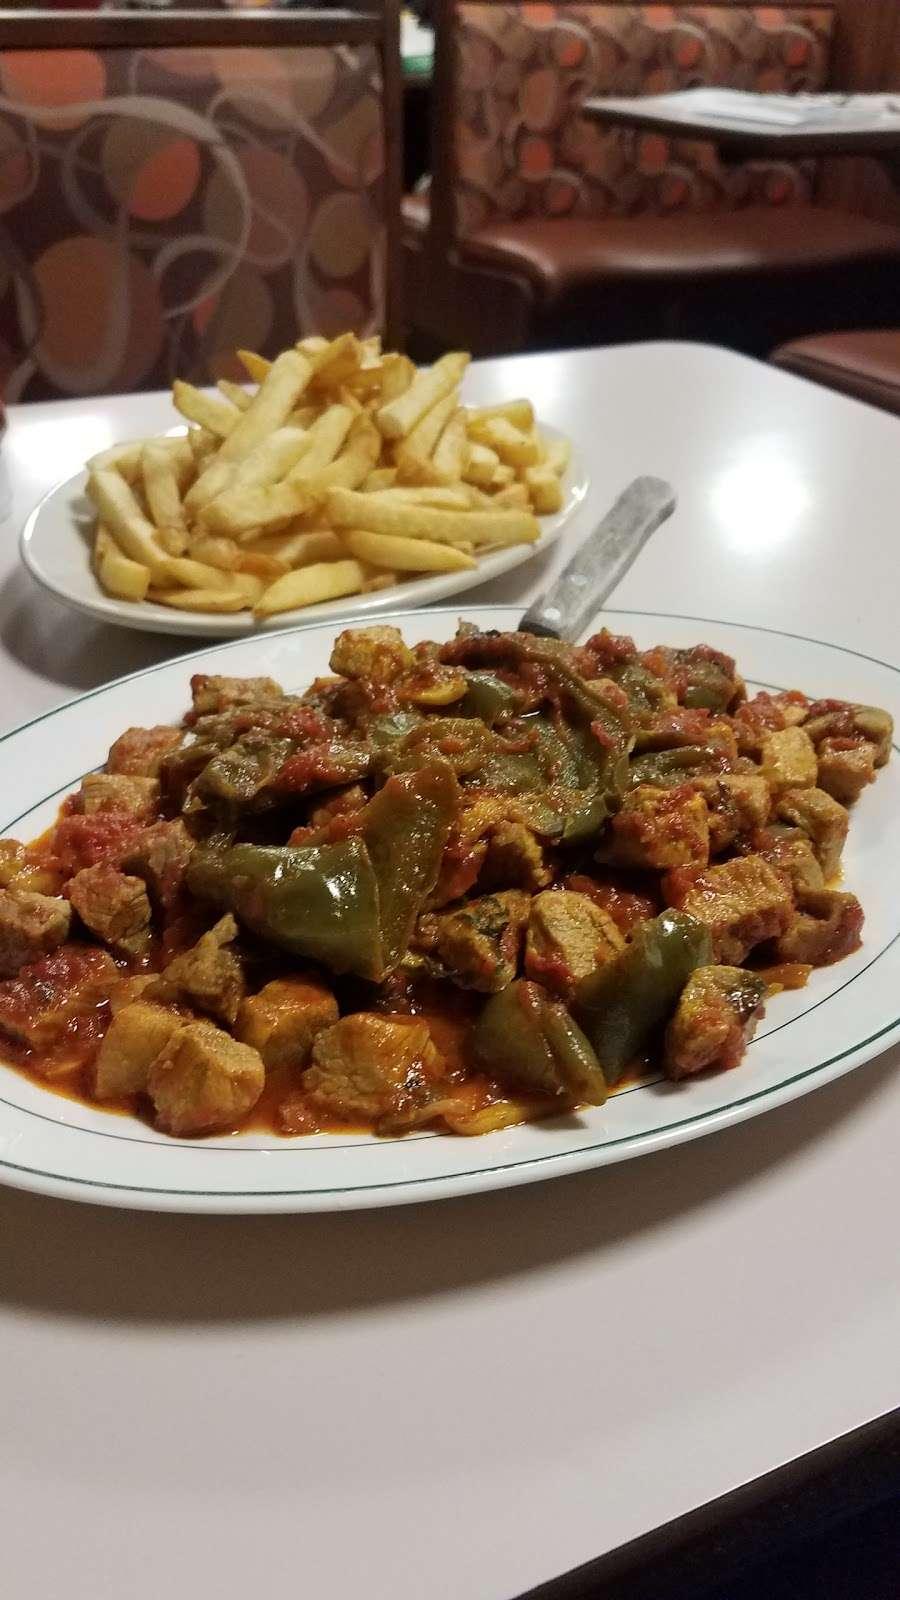 Franks Pizza - restaurant  | Photo 10 of 10 | Address: 2134 Flatbush Ave, Brooklyn, NY 11234, USA | Phone: (718) 377-8100